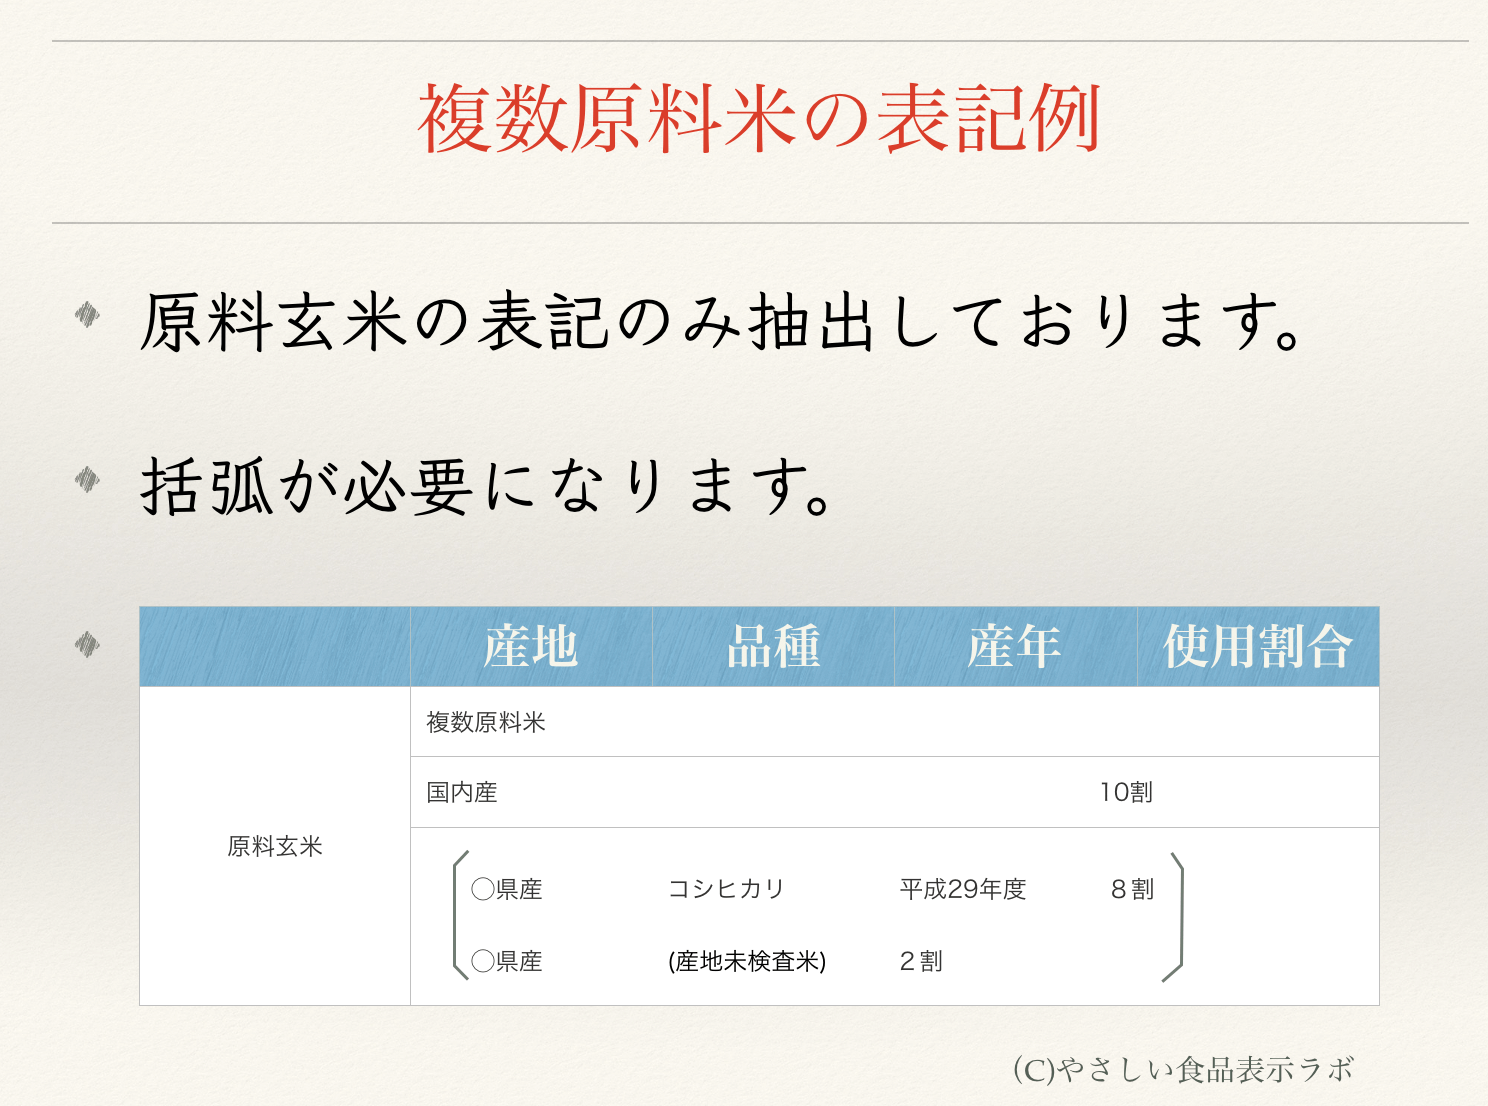 未検査米 原料玄米の表記 括弧